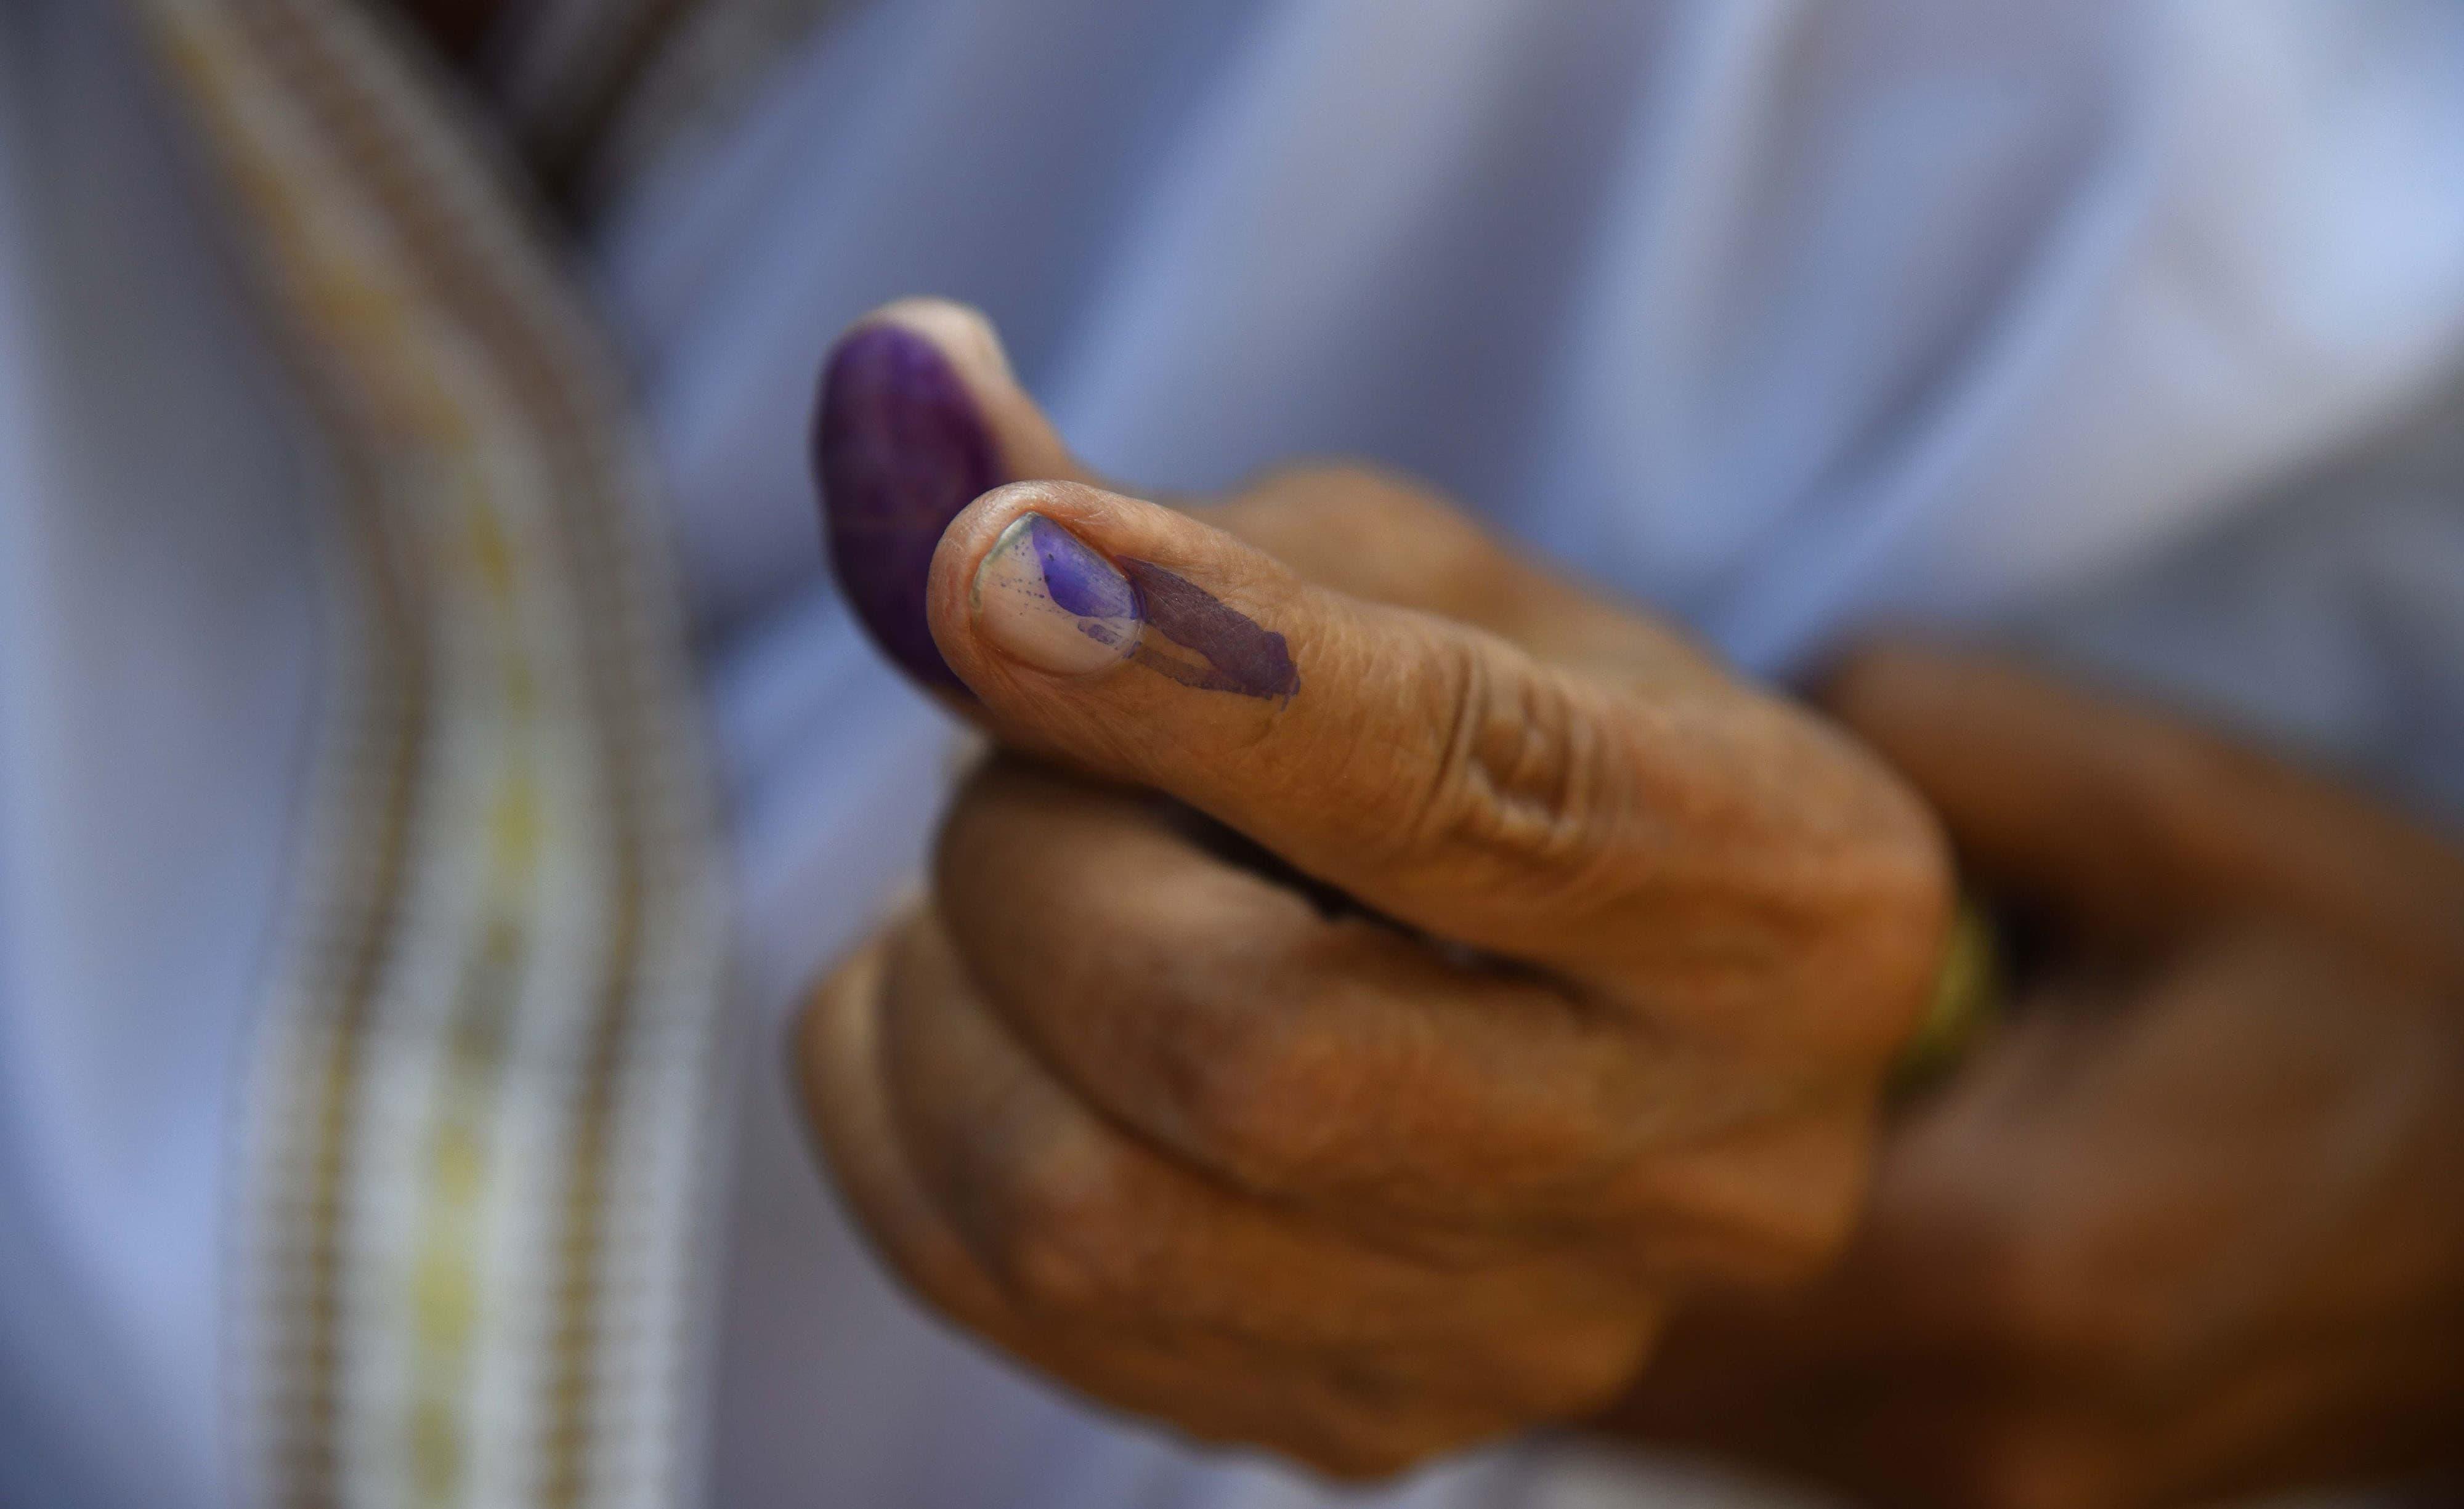 ریاست آسام کے شہر گوہاٹی میں ایک بزرگ خاتون نے ووٹ کاسٹ کرنے کی نشانی دکھائی —فوٹو/ اے ایف پی